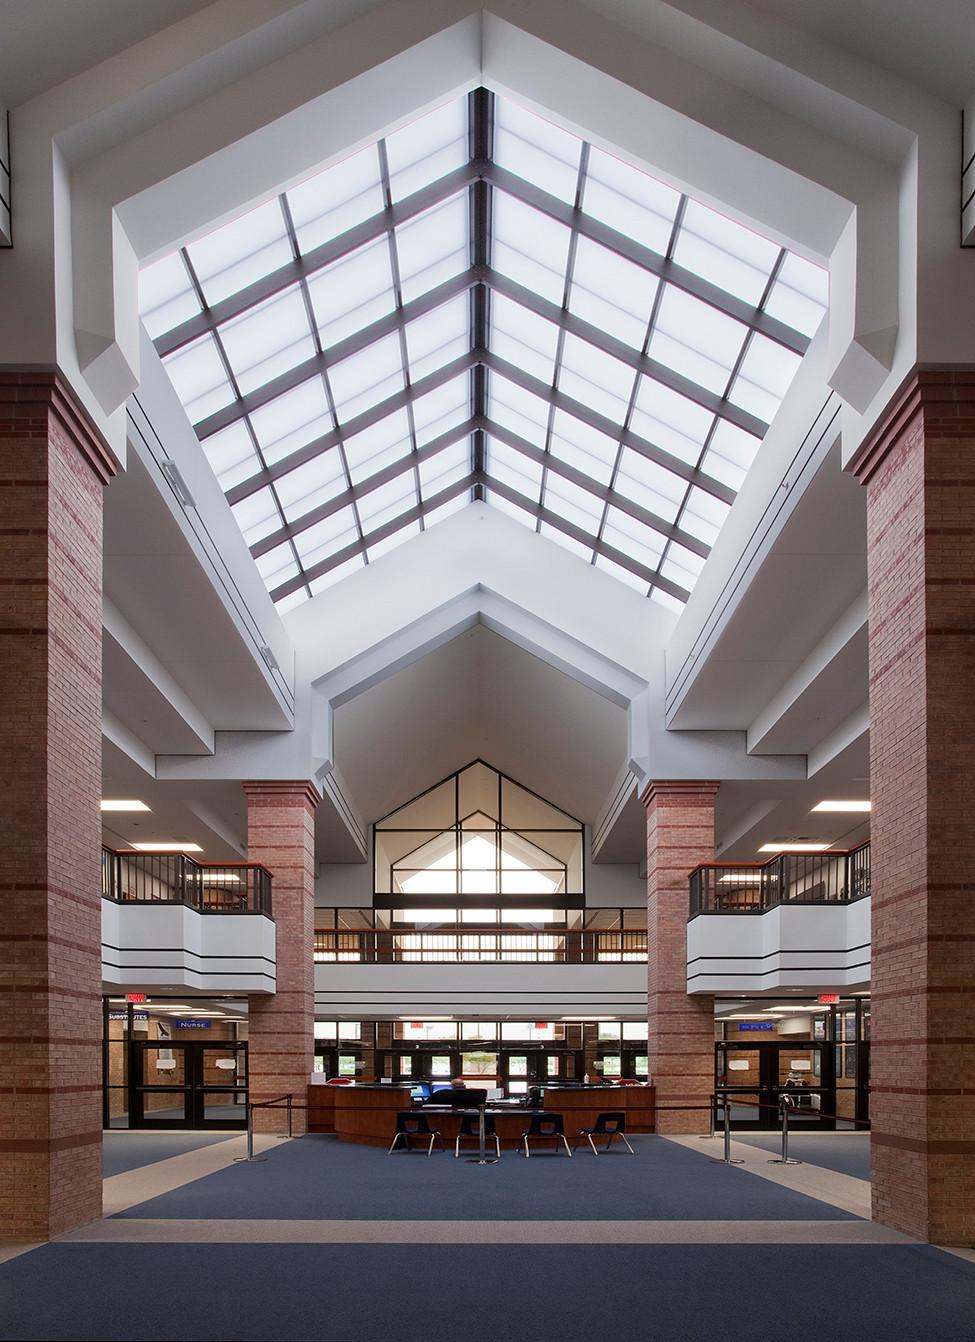 42976_allen-high-school_3-from-floor_por